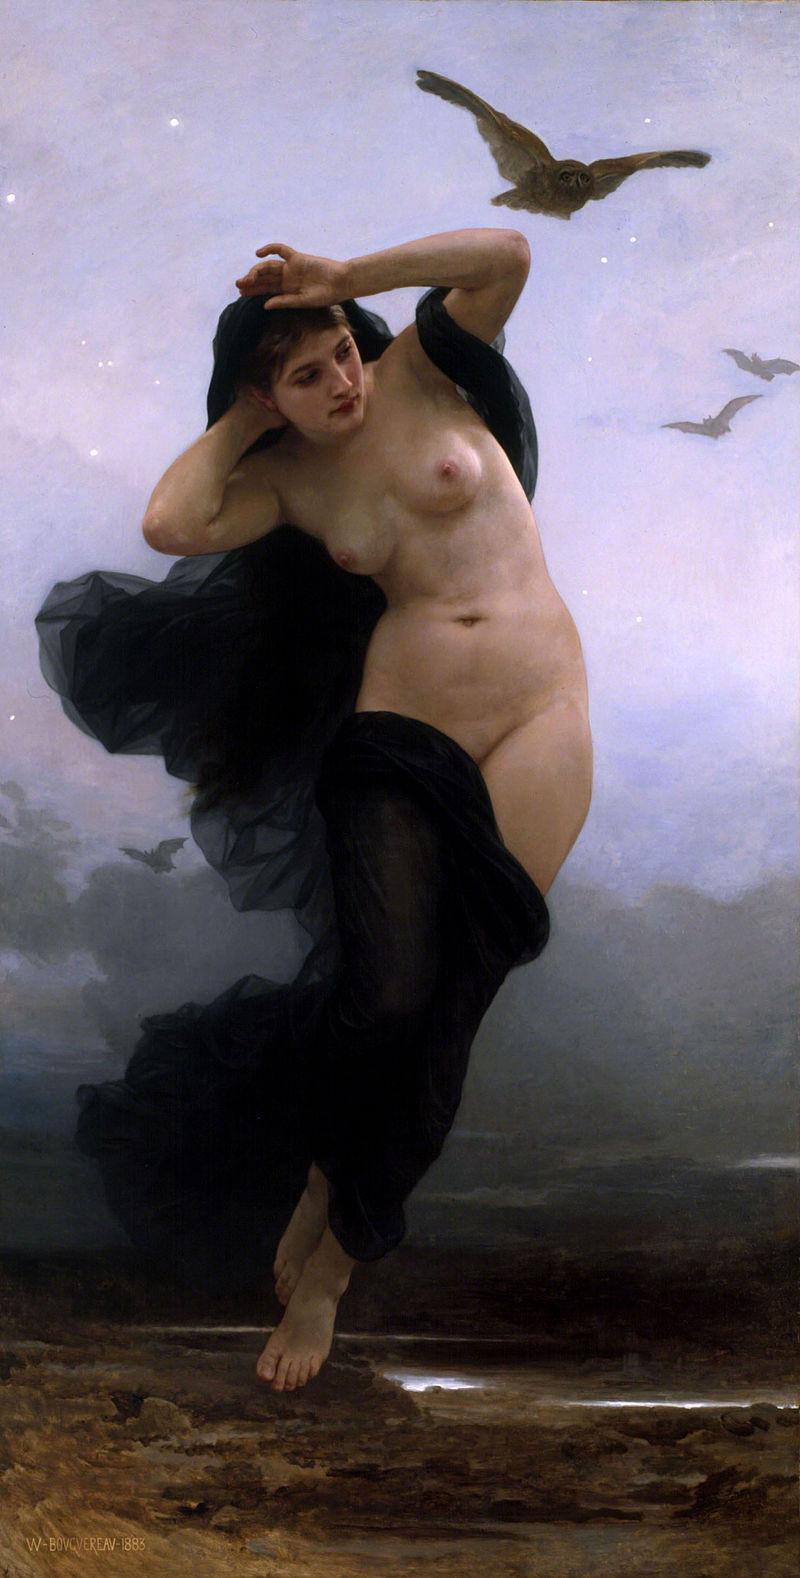 William-Adolphe_Bouguereau_(1825-1905)_-_La_Nuit_(1883).jpg